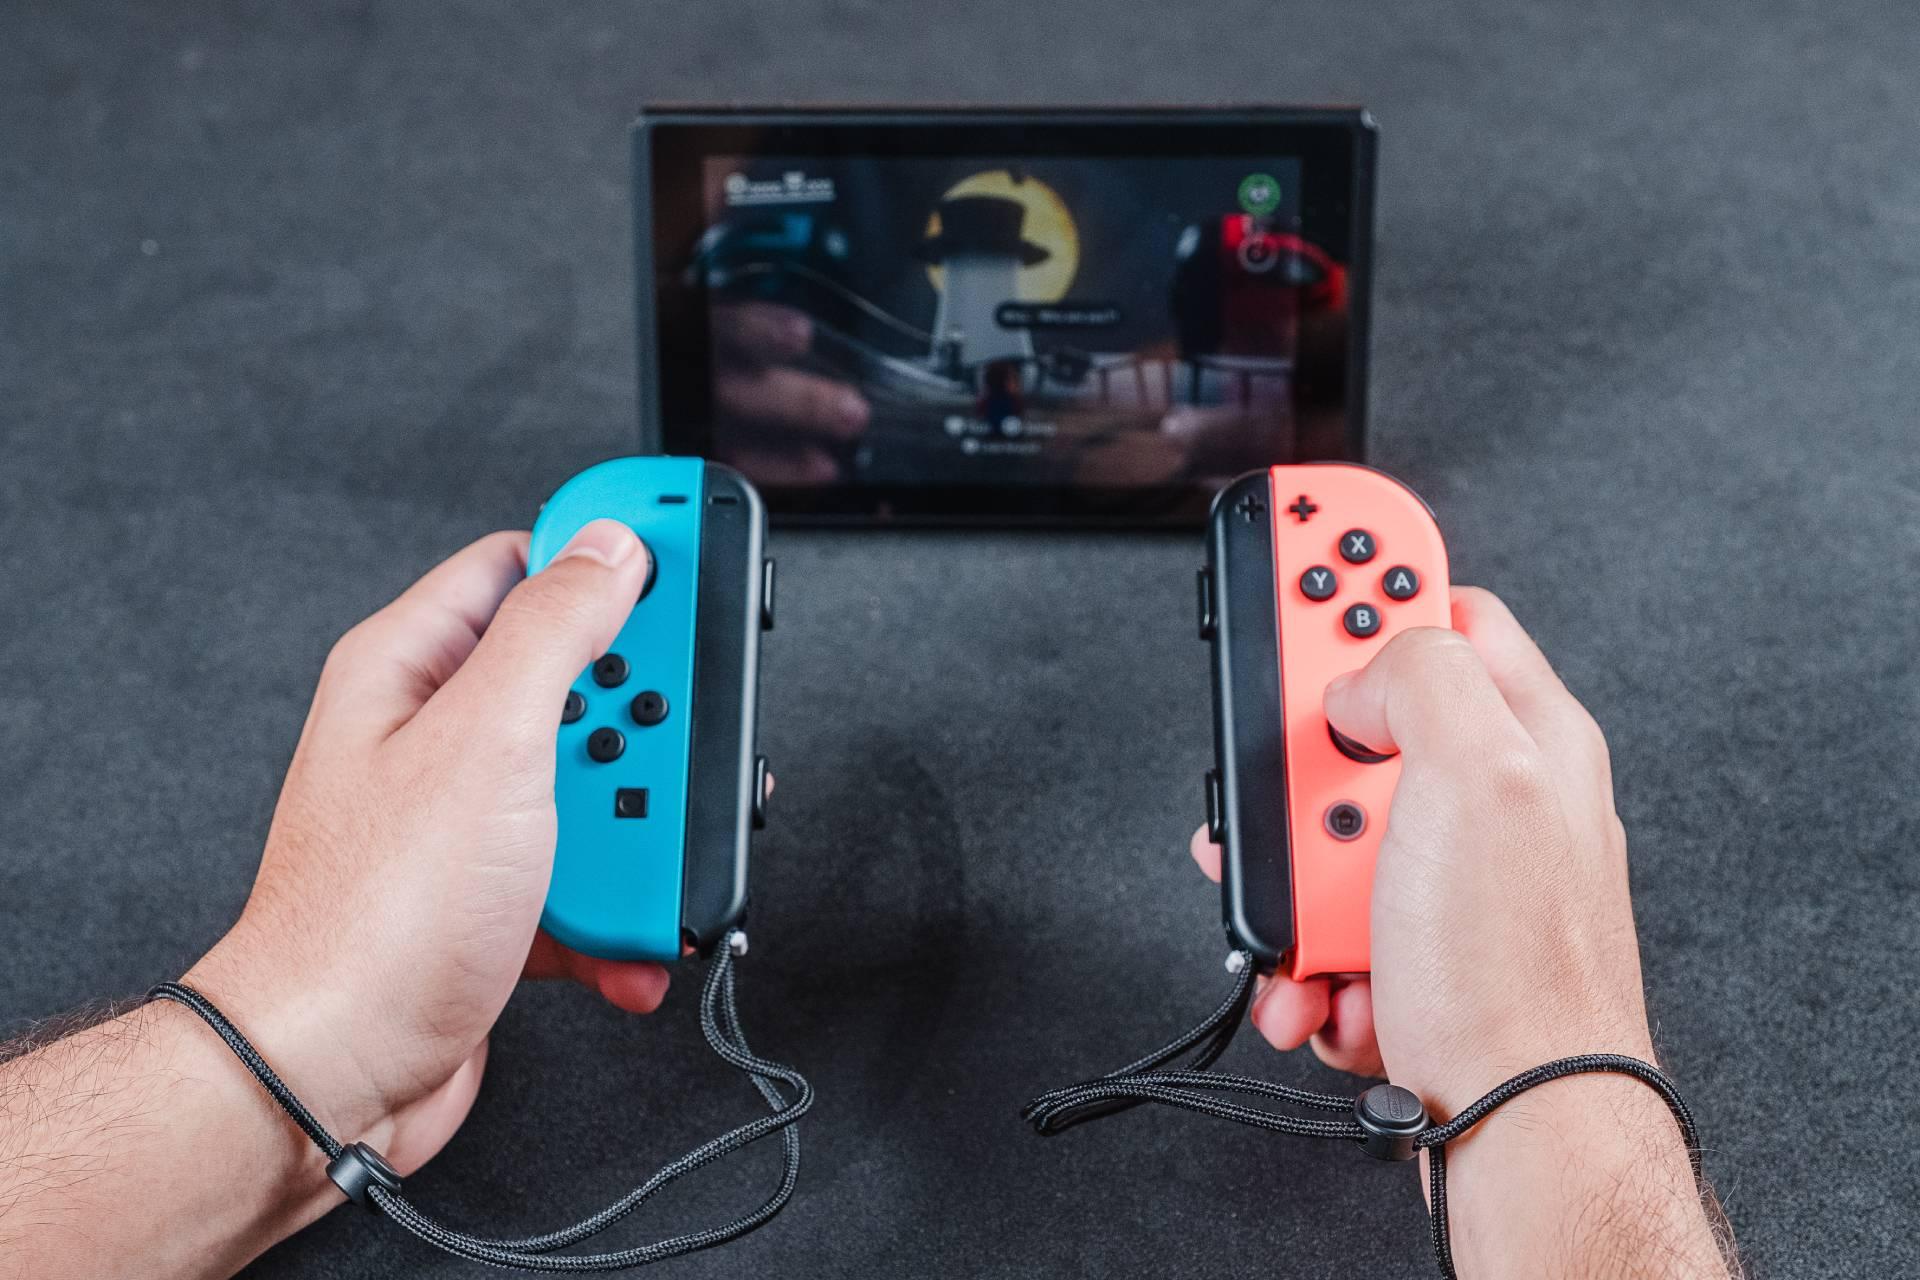 A tela em resolução HD quebra o galho na hora de jogar portátil, mas não recomendo para games mais grandiosos como The Legend of Zelda: Breath of the Wild